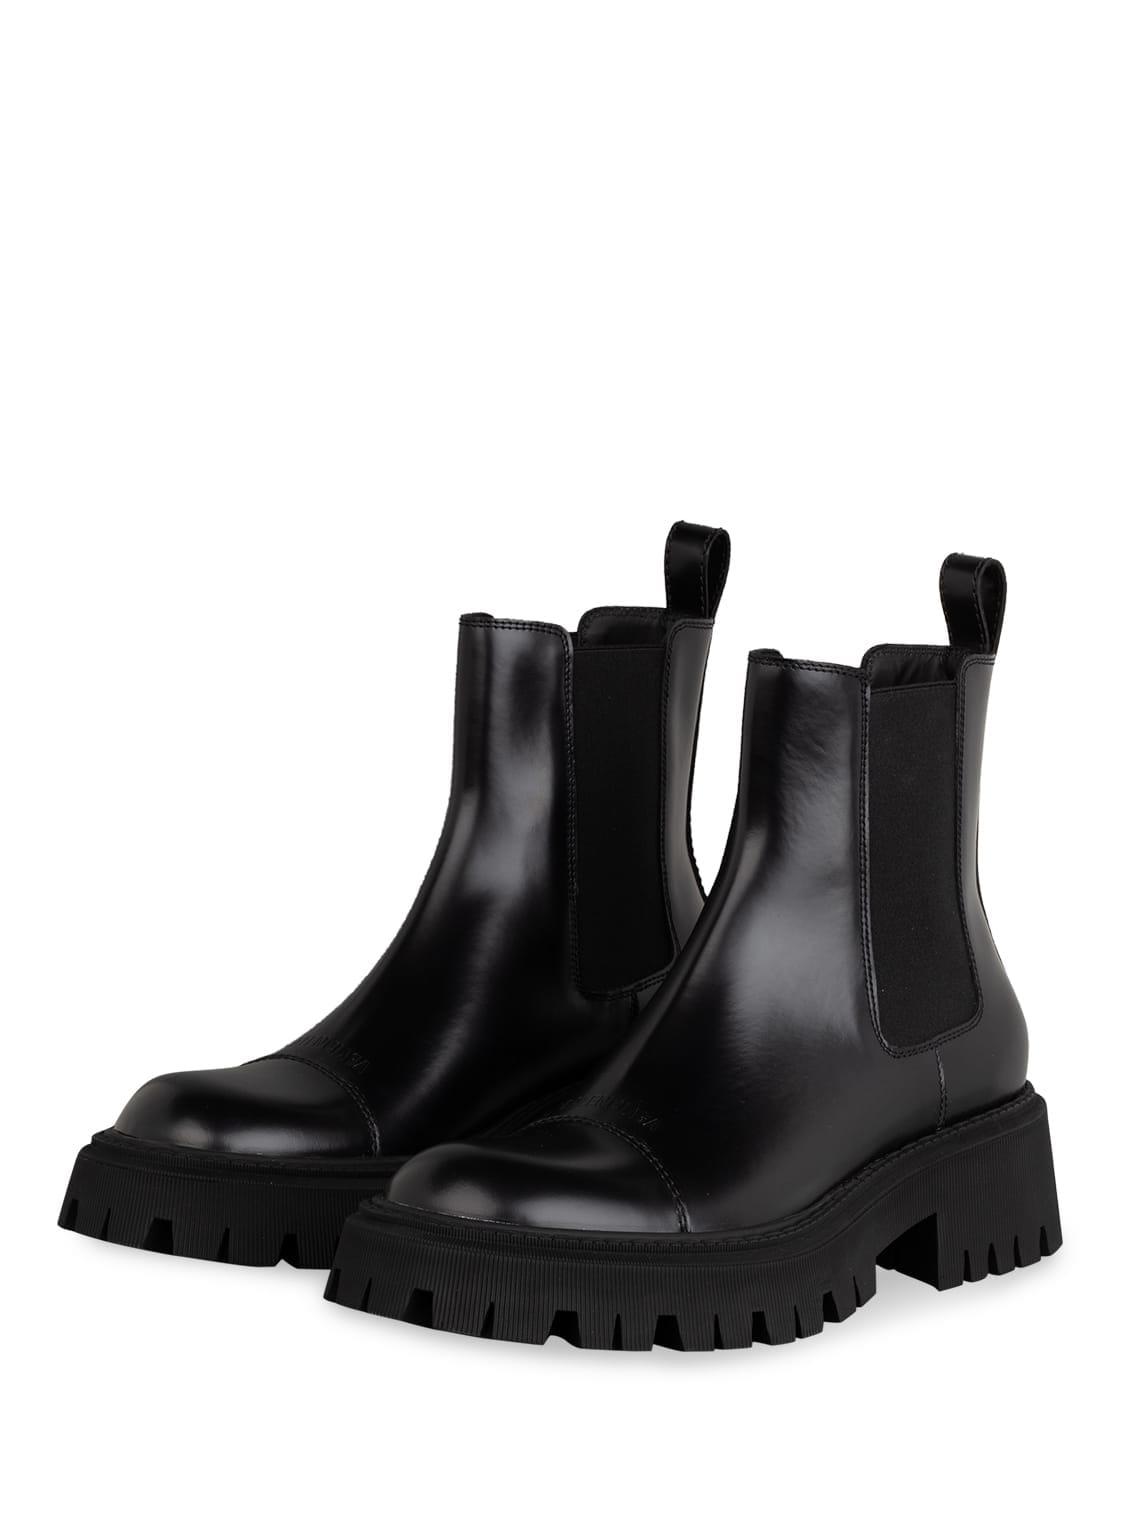 Image of Balenciaga Chelsea-Boots schwarz